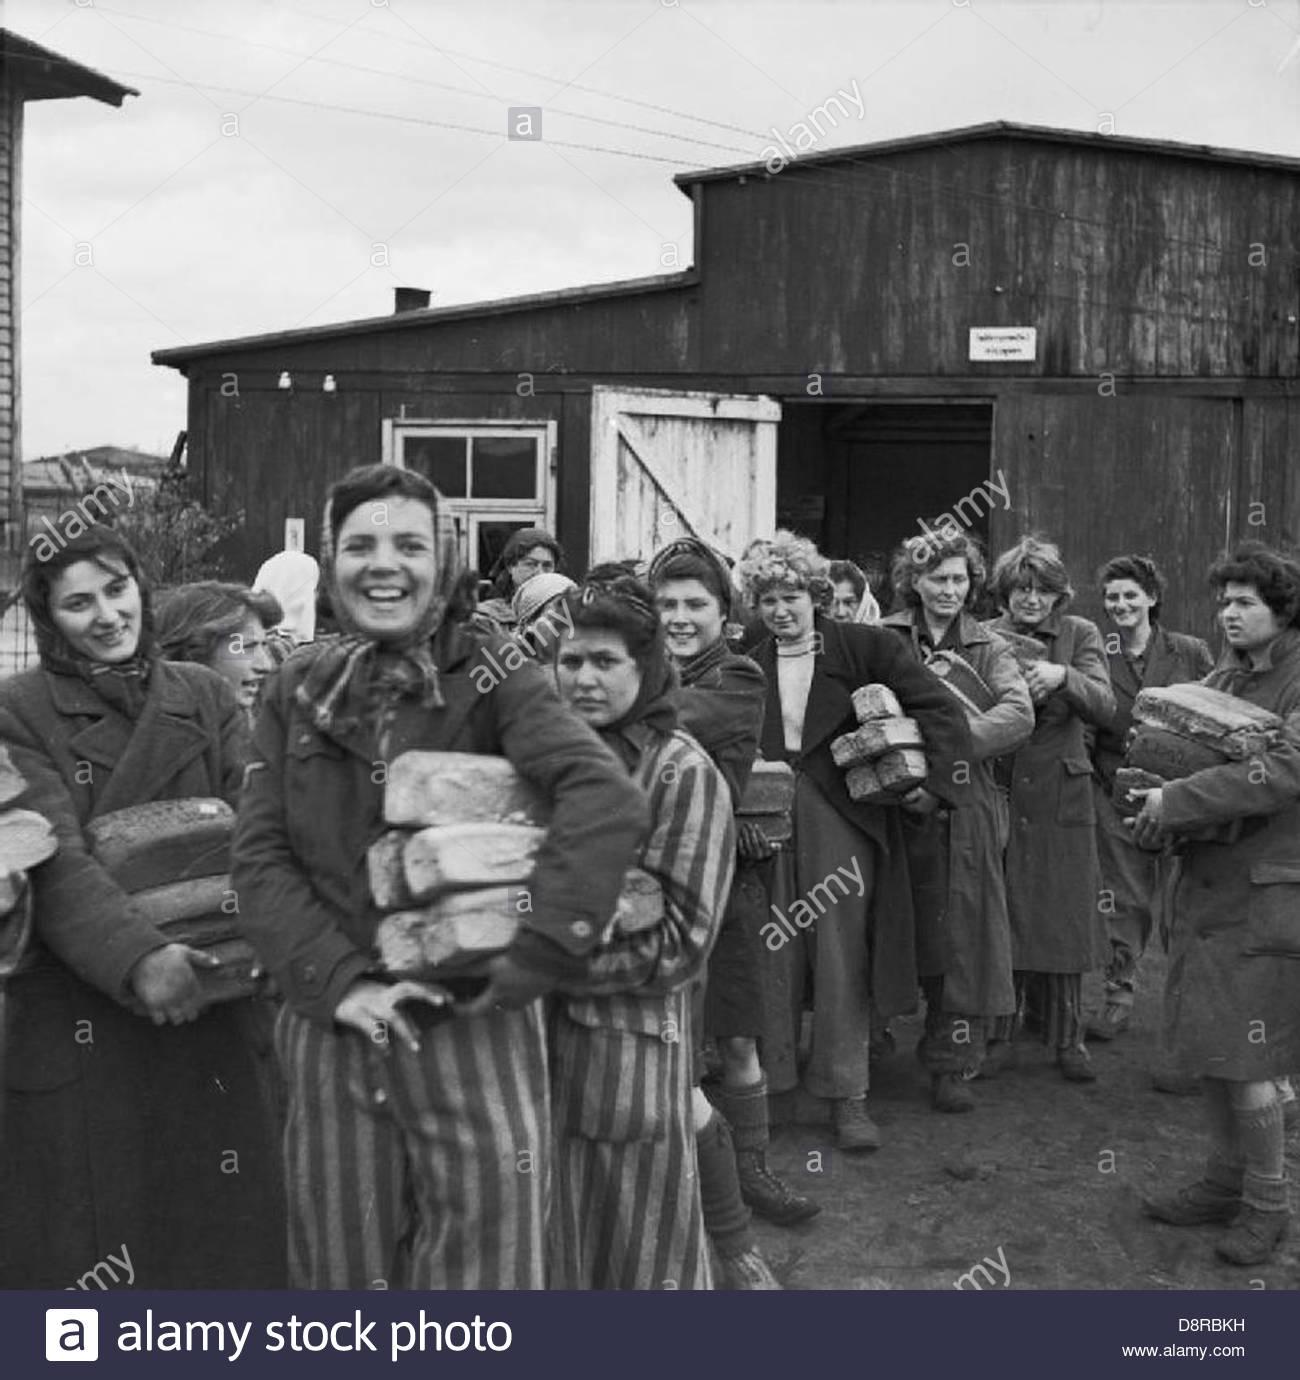 La libération du camp de concentration de Belsen Bergen-, avril 1945 BU4274. Photo Stock